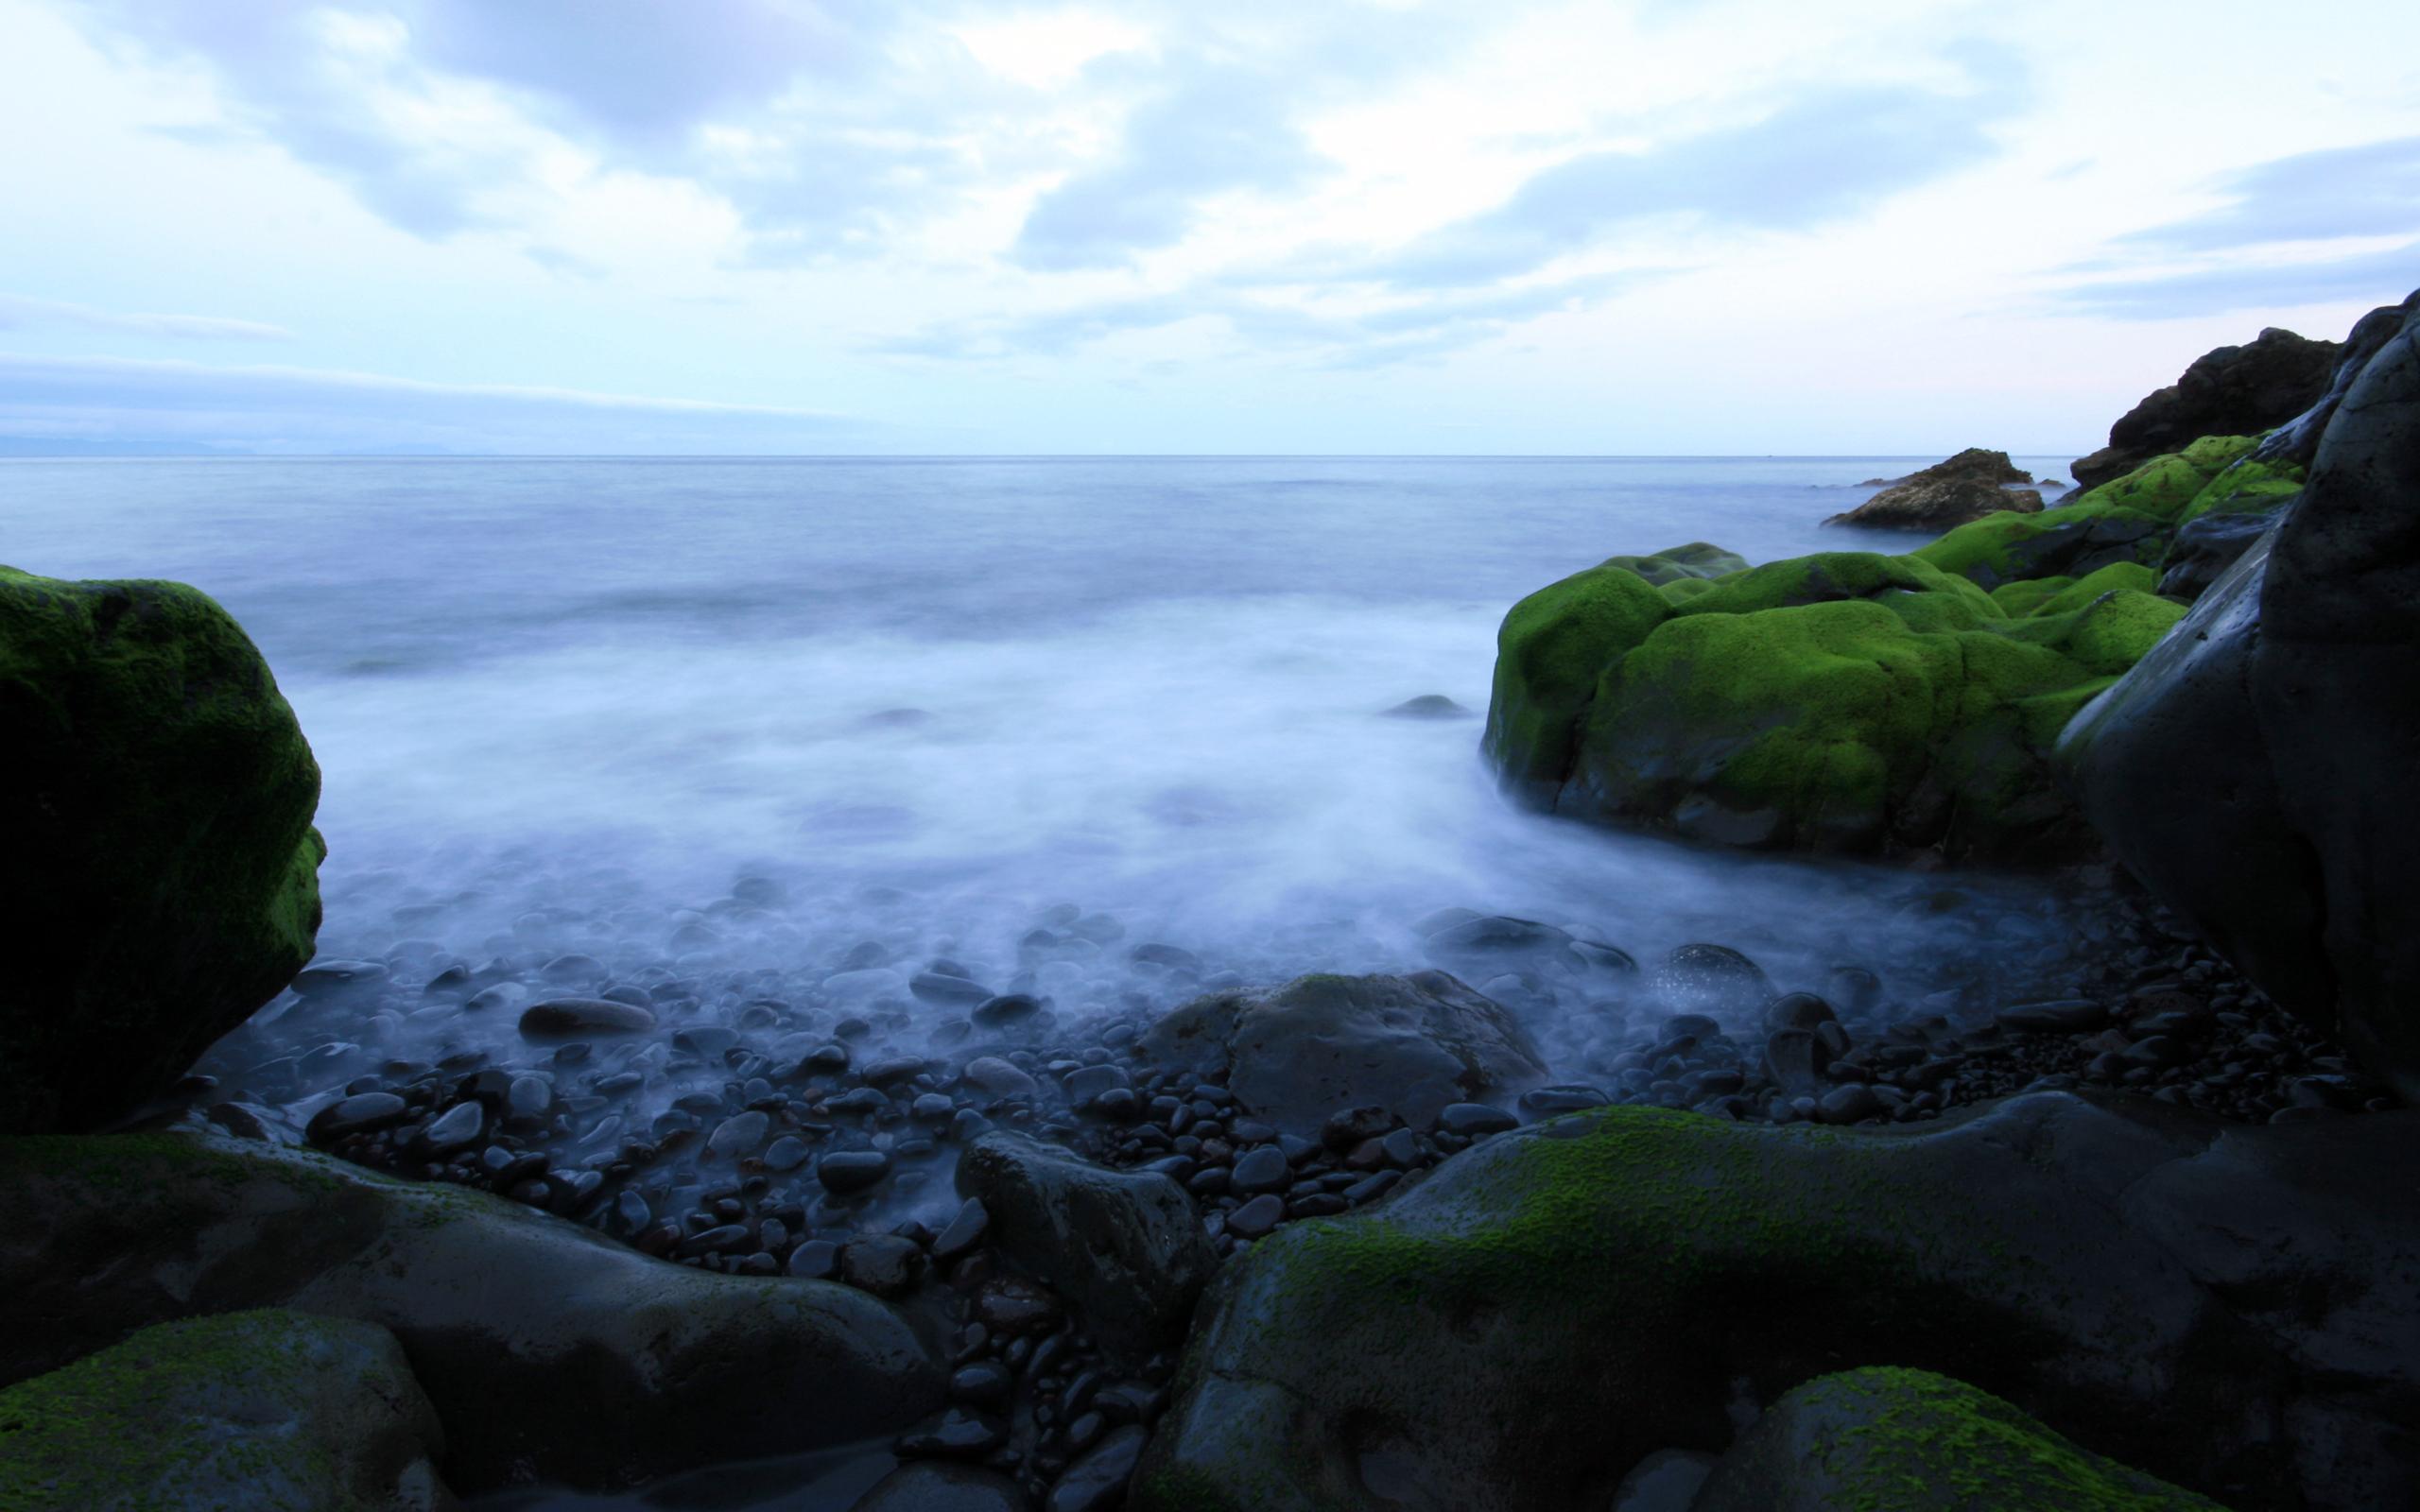 Foto Oceano, Rocas con Musgo